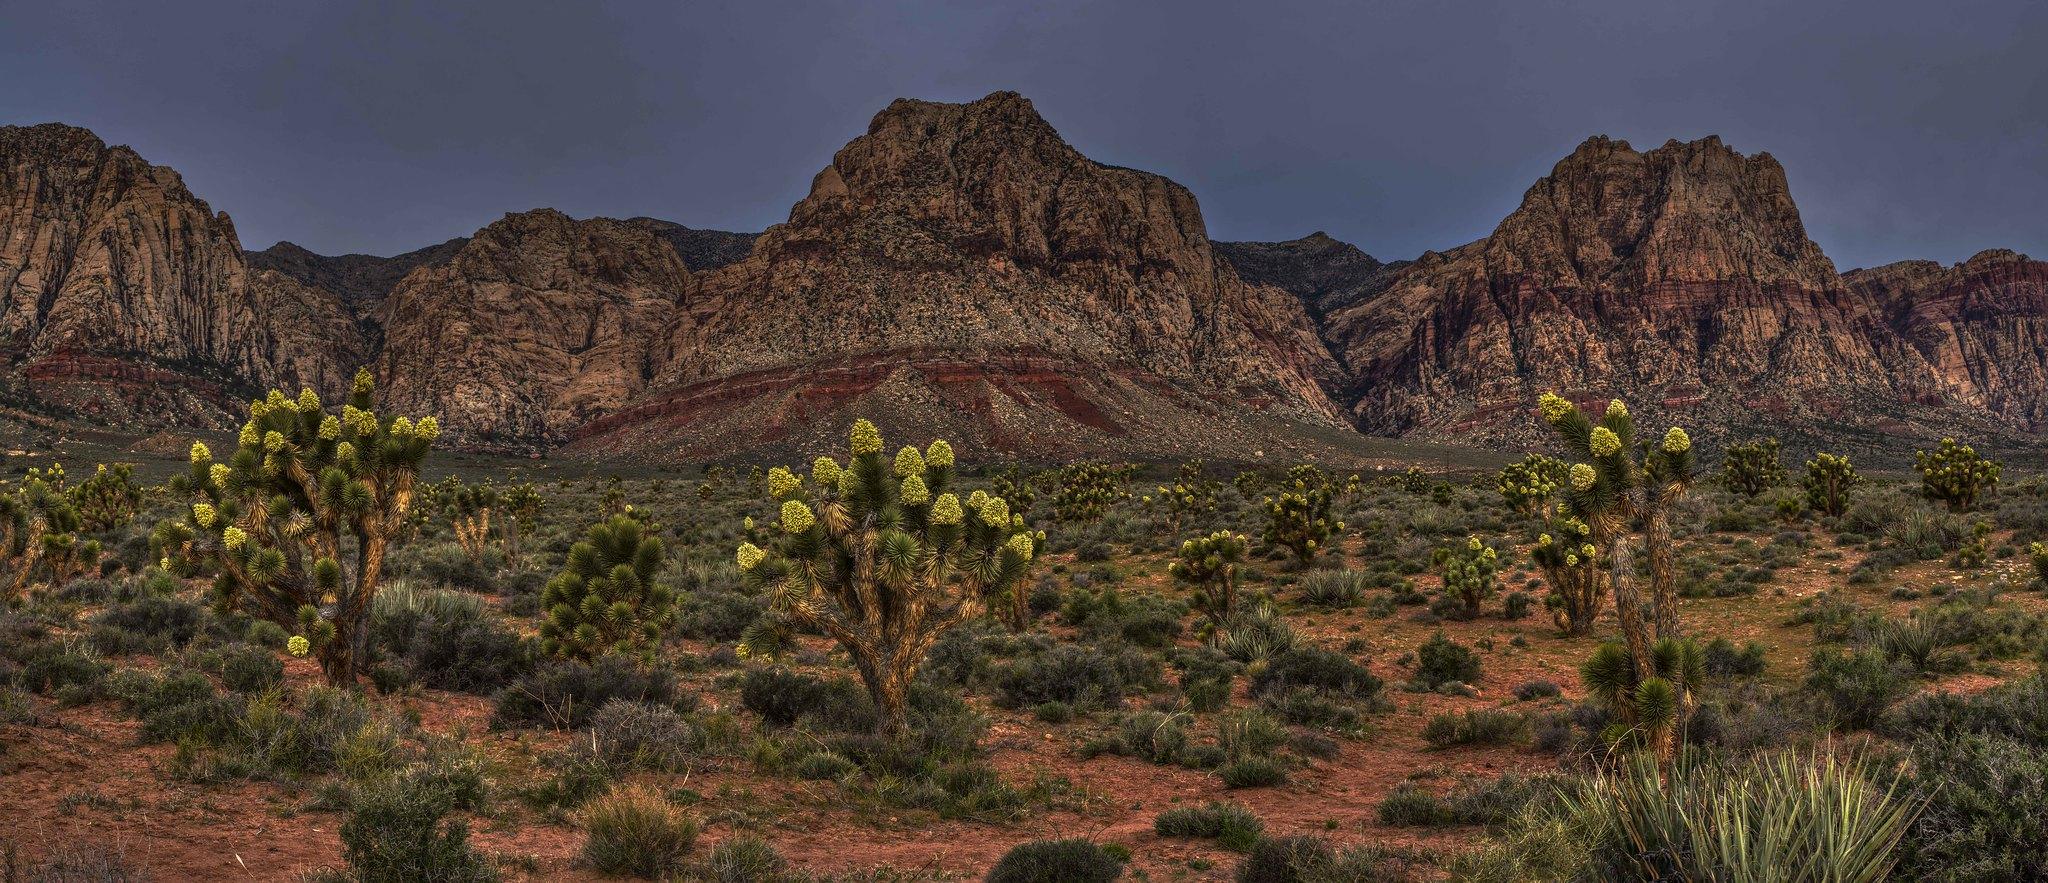 MM VII MST Dark Desert Nights